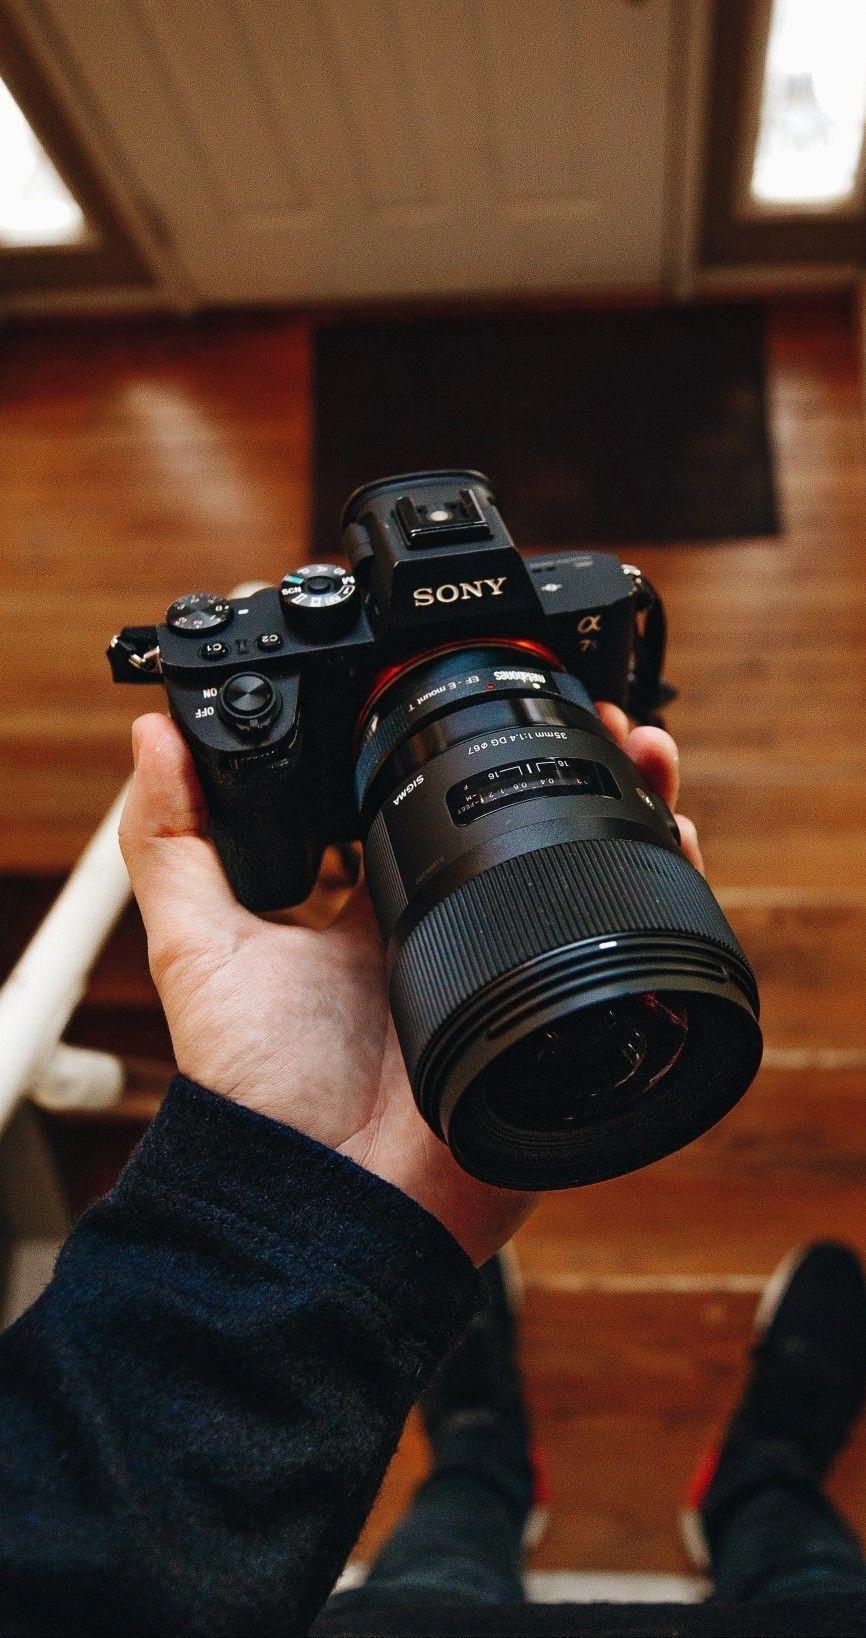 16 Top Sony Camera Kit 200 Sony Camera Remote Shutter Release Cameragirl Camer En 2020 Engranaje De Camara Camara Fotos Instantanea Equipos De Fotografia